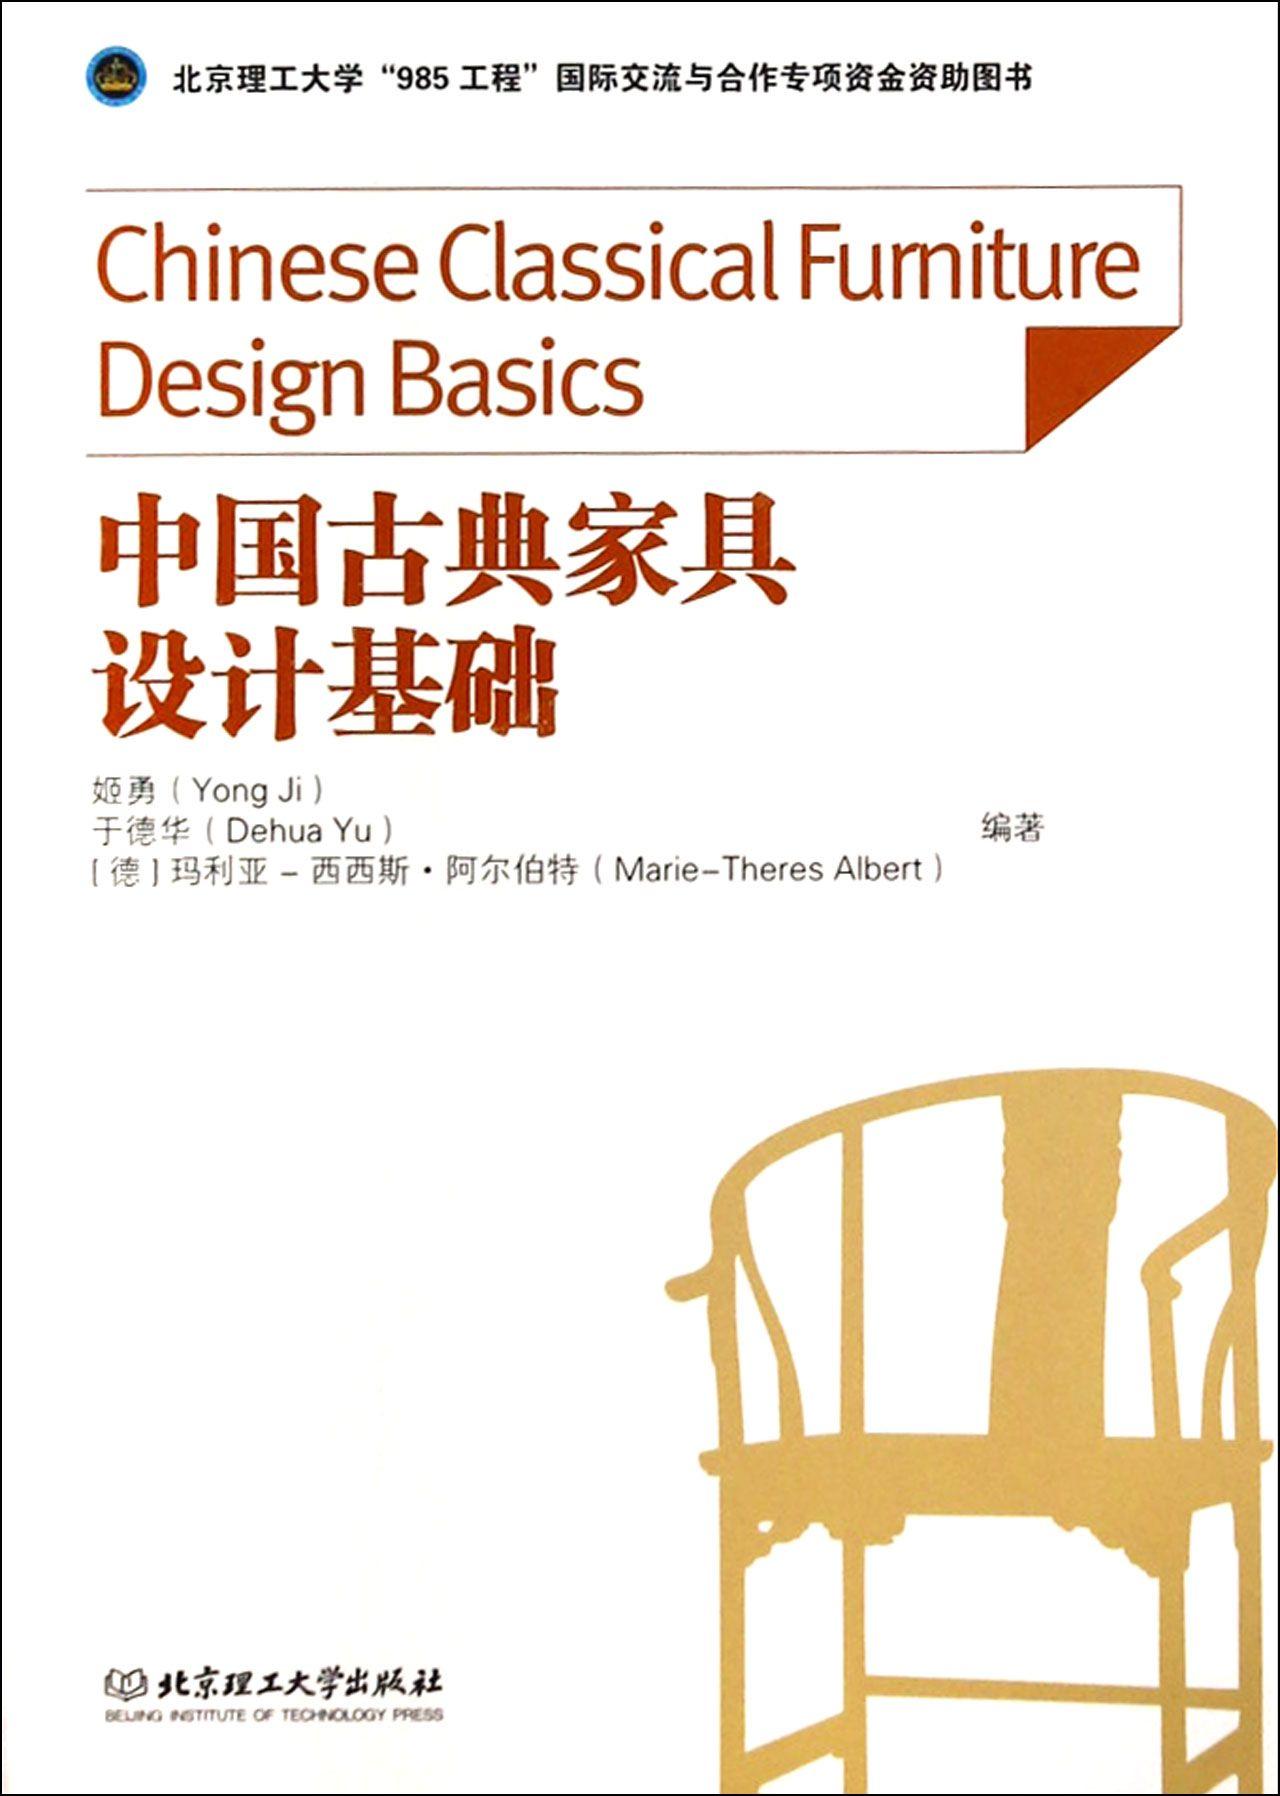 中国古典家具设计基础